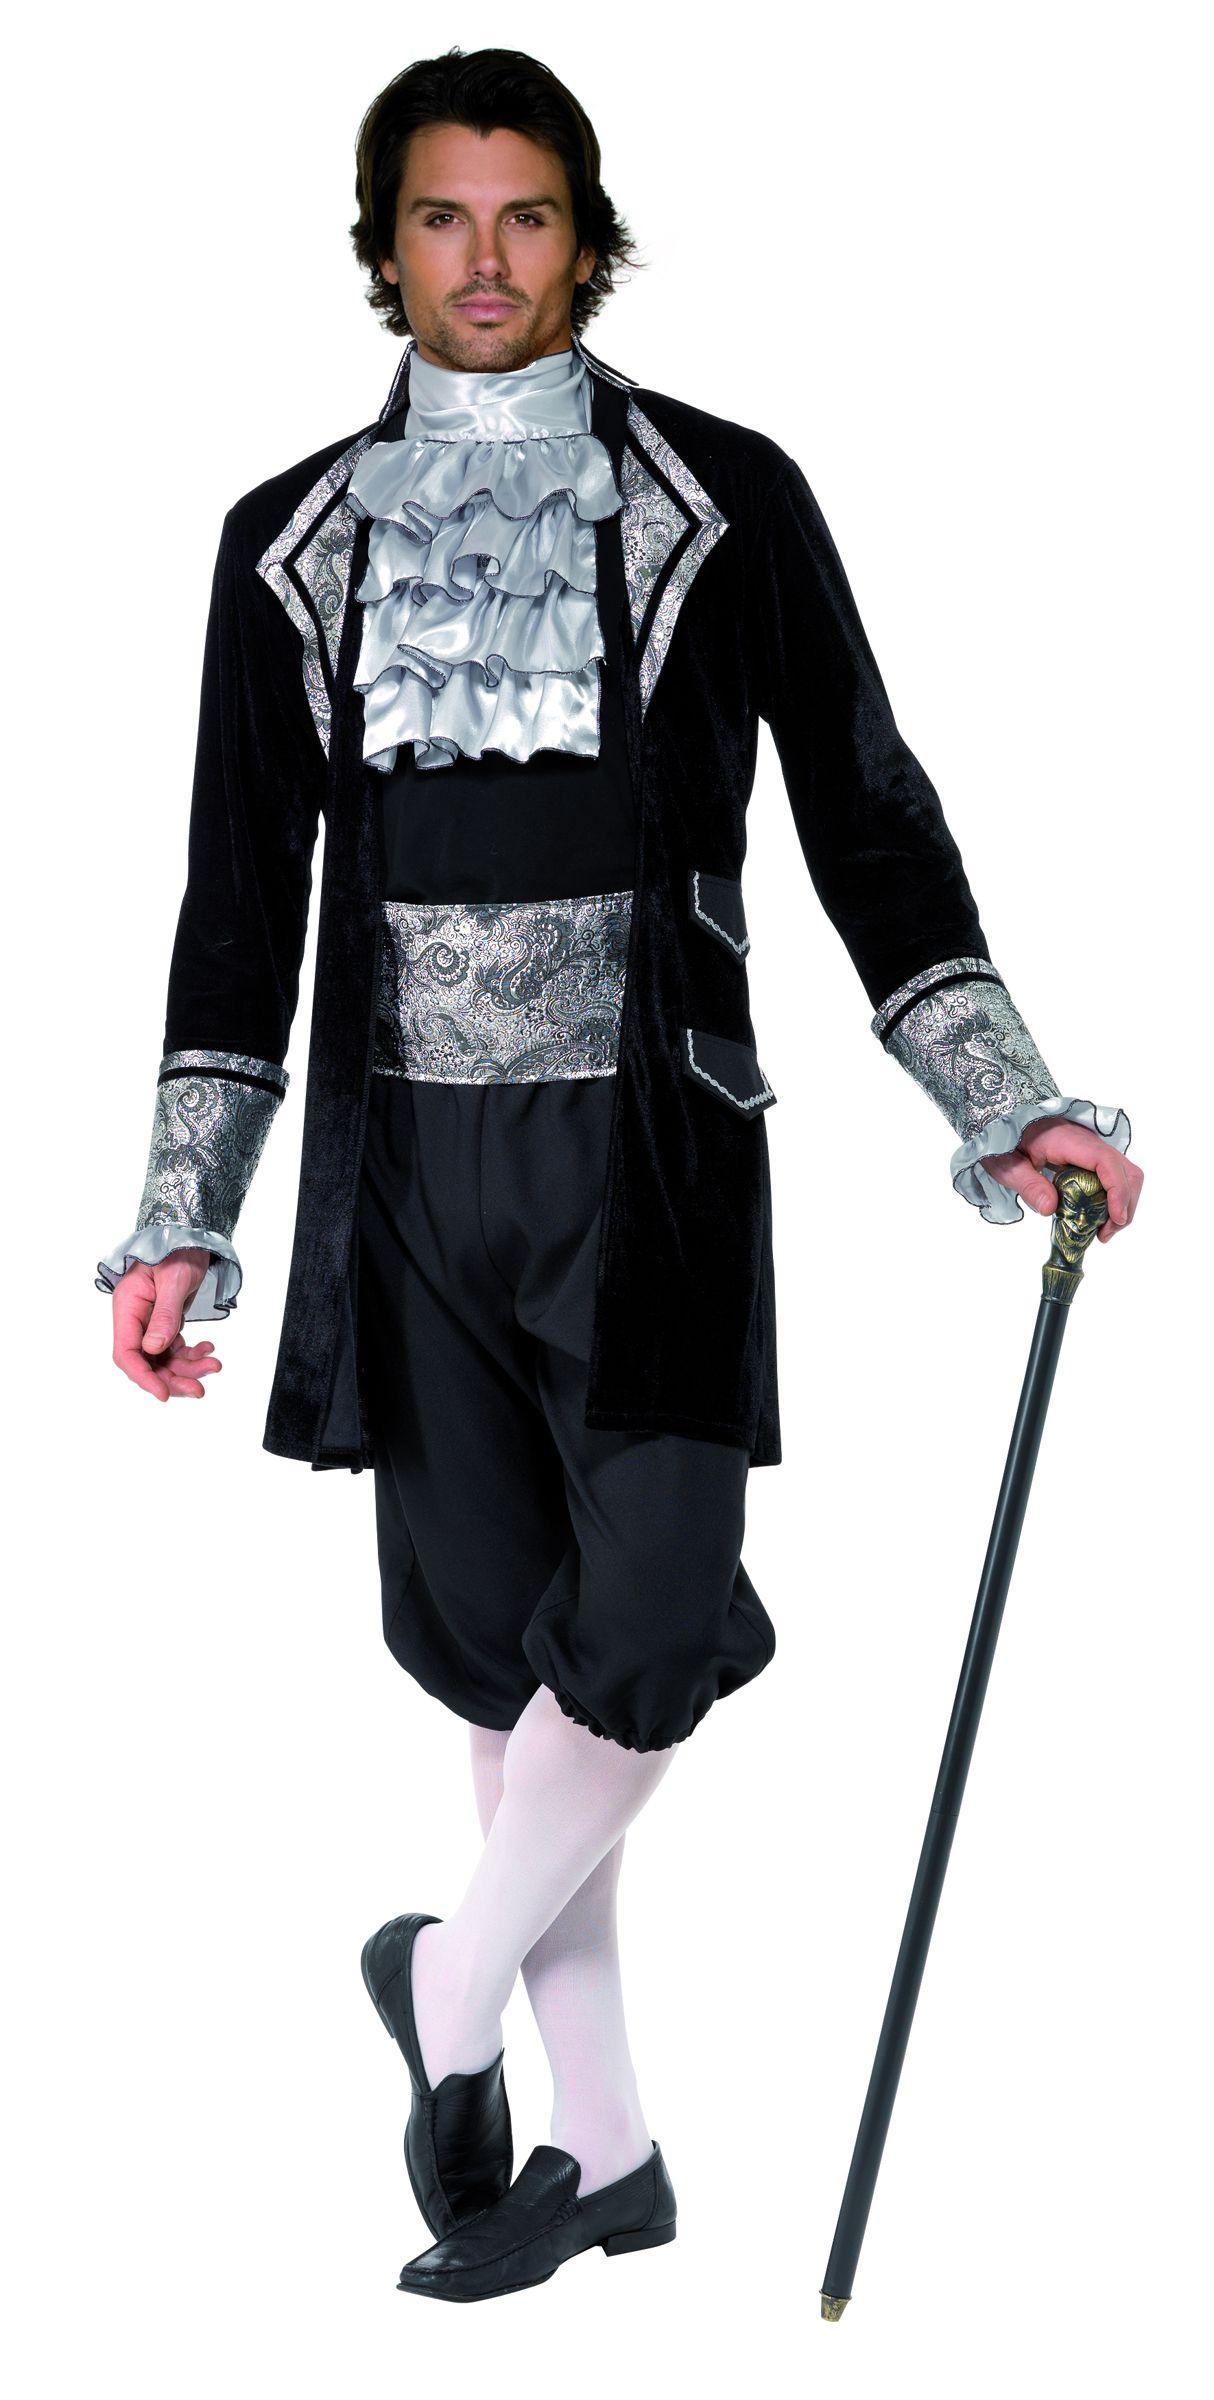 Travestimenti Halloween Uomo.Costume Vampiro Barocco Uomo Halloween Costumi Nel 2019 Costumi